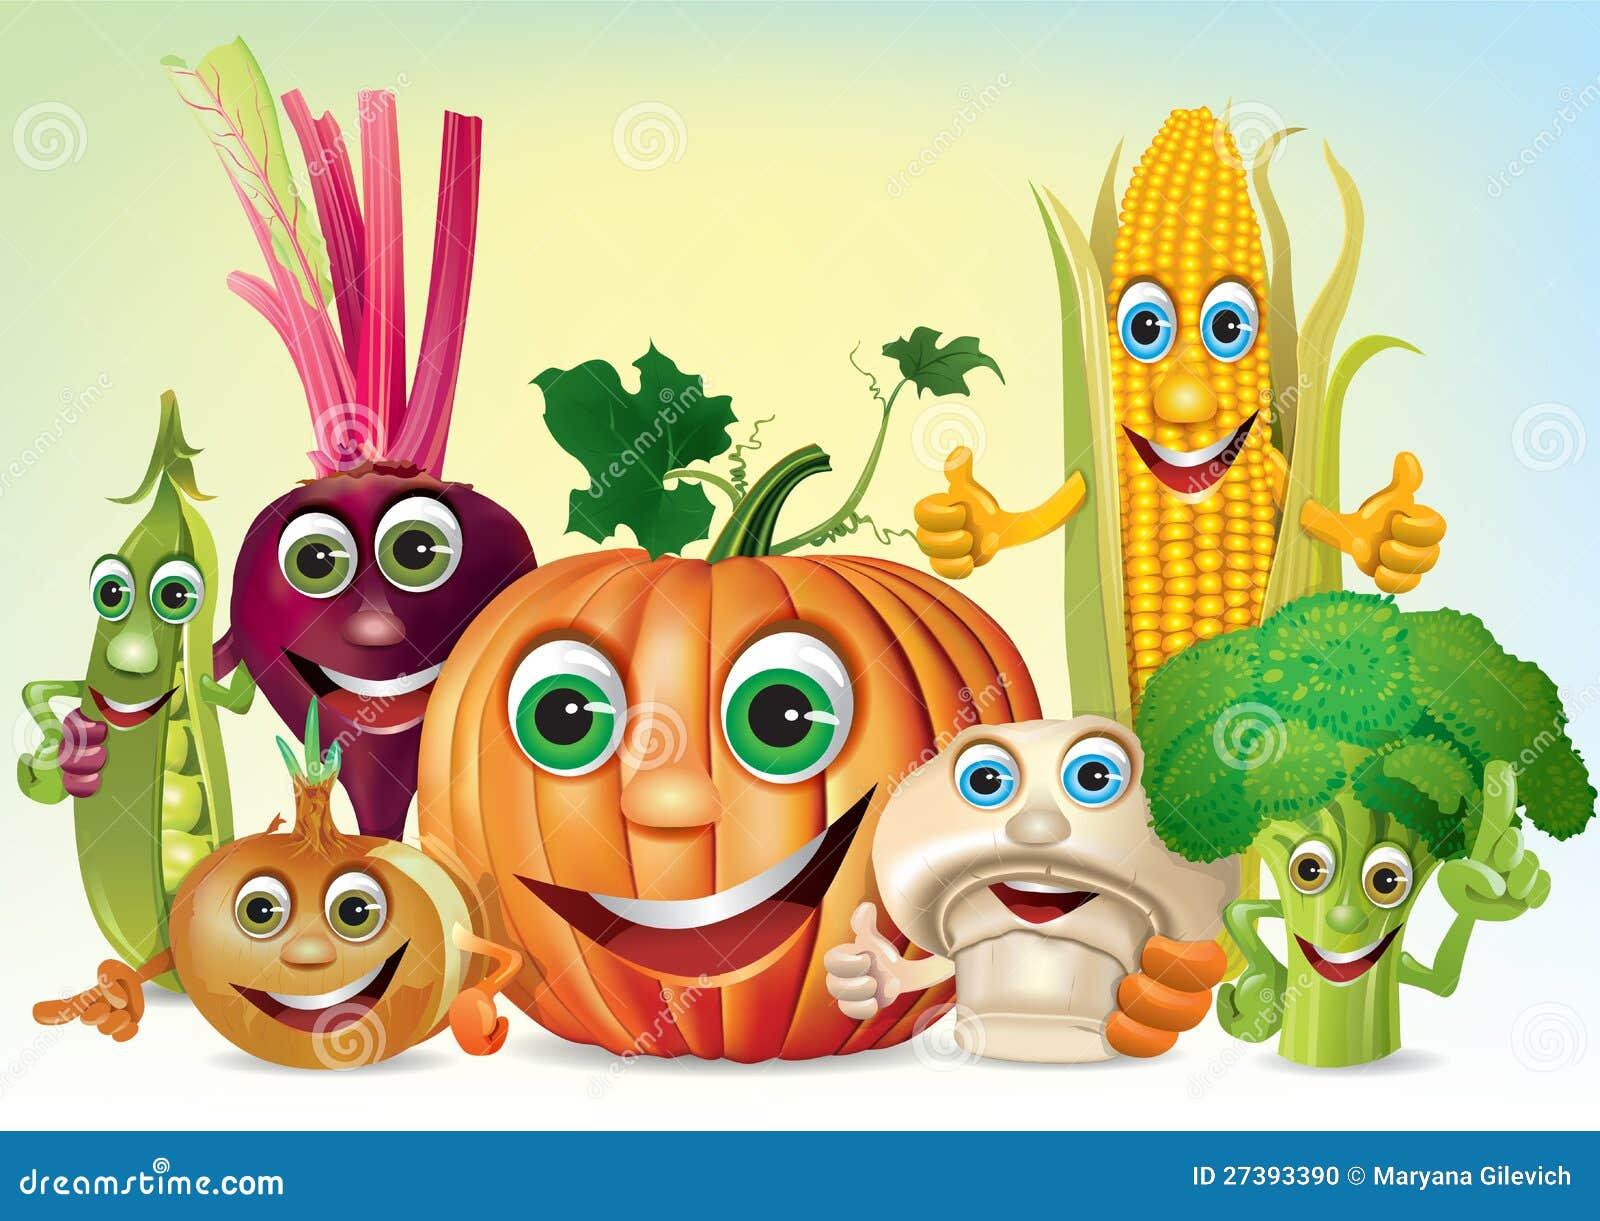 Compagnie d 39 amusement de dessin anim des l gumes - Dessin de legumes ...